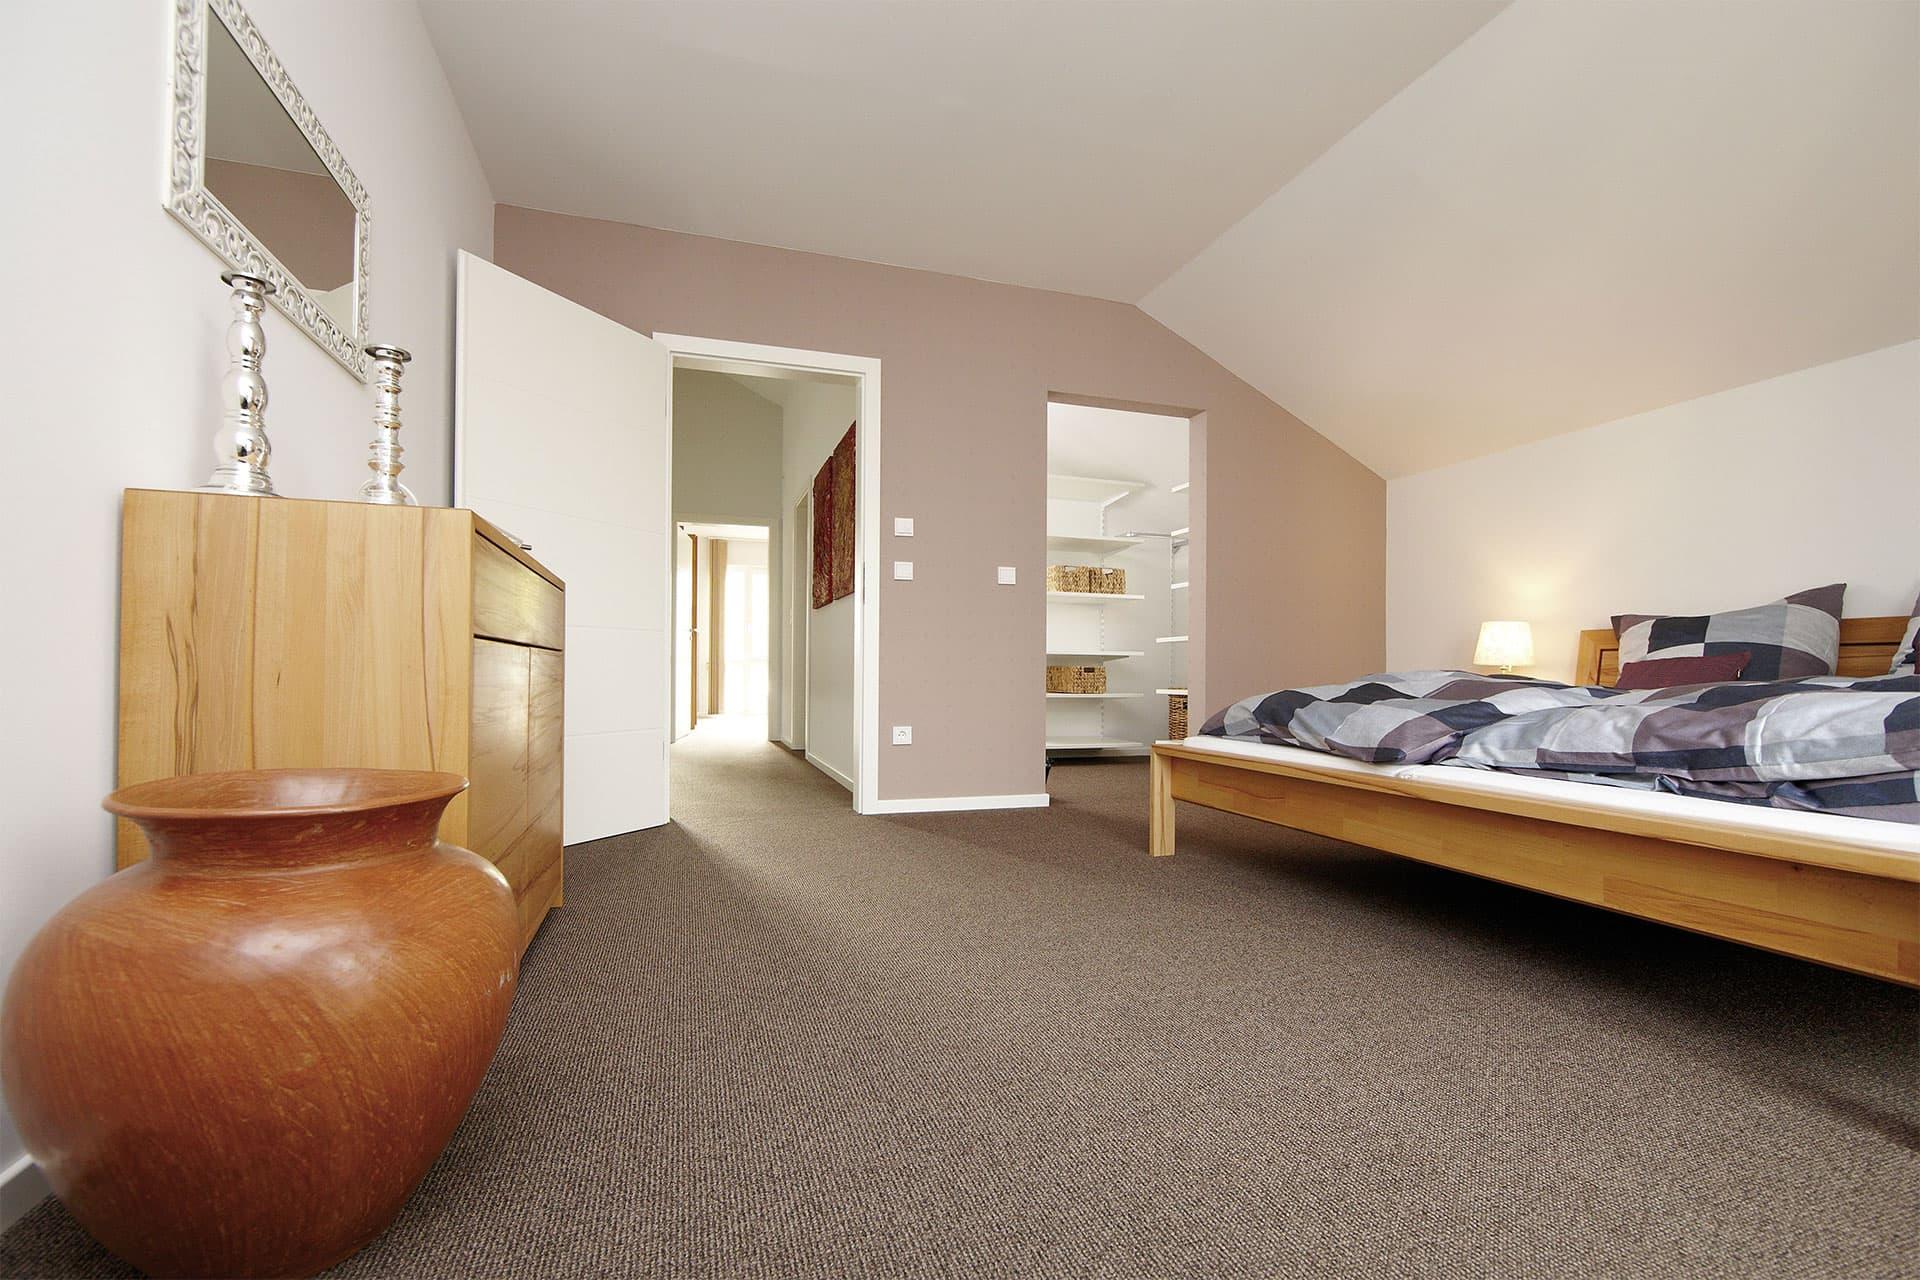 ankleidezimmer einrichten ankleidezimmer bazimmer einrichten online ankleidezimmer. Black Bedroom Furniture Sets. Home Design Ideas